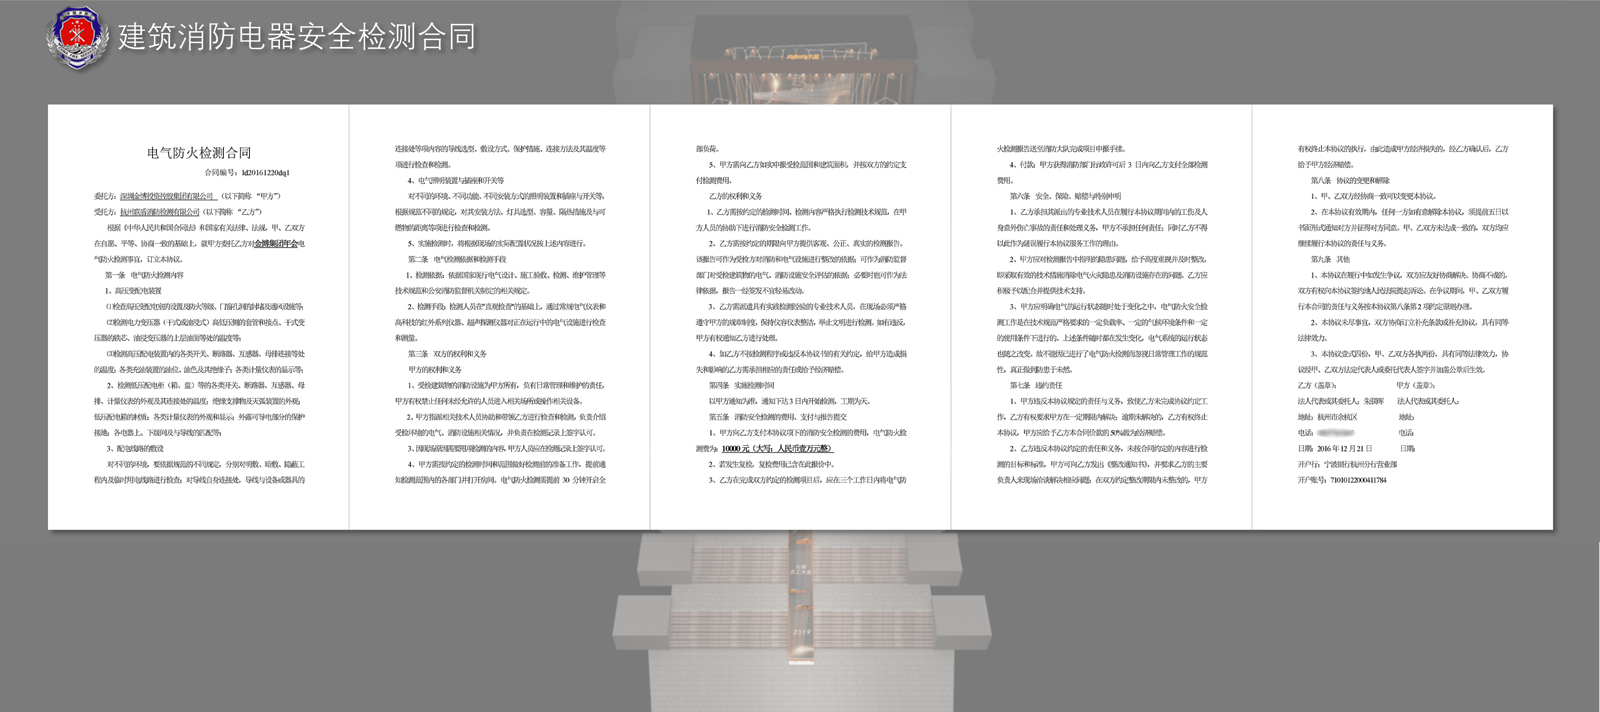 会议活动电气防火检测合同